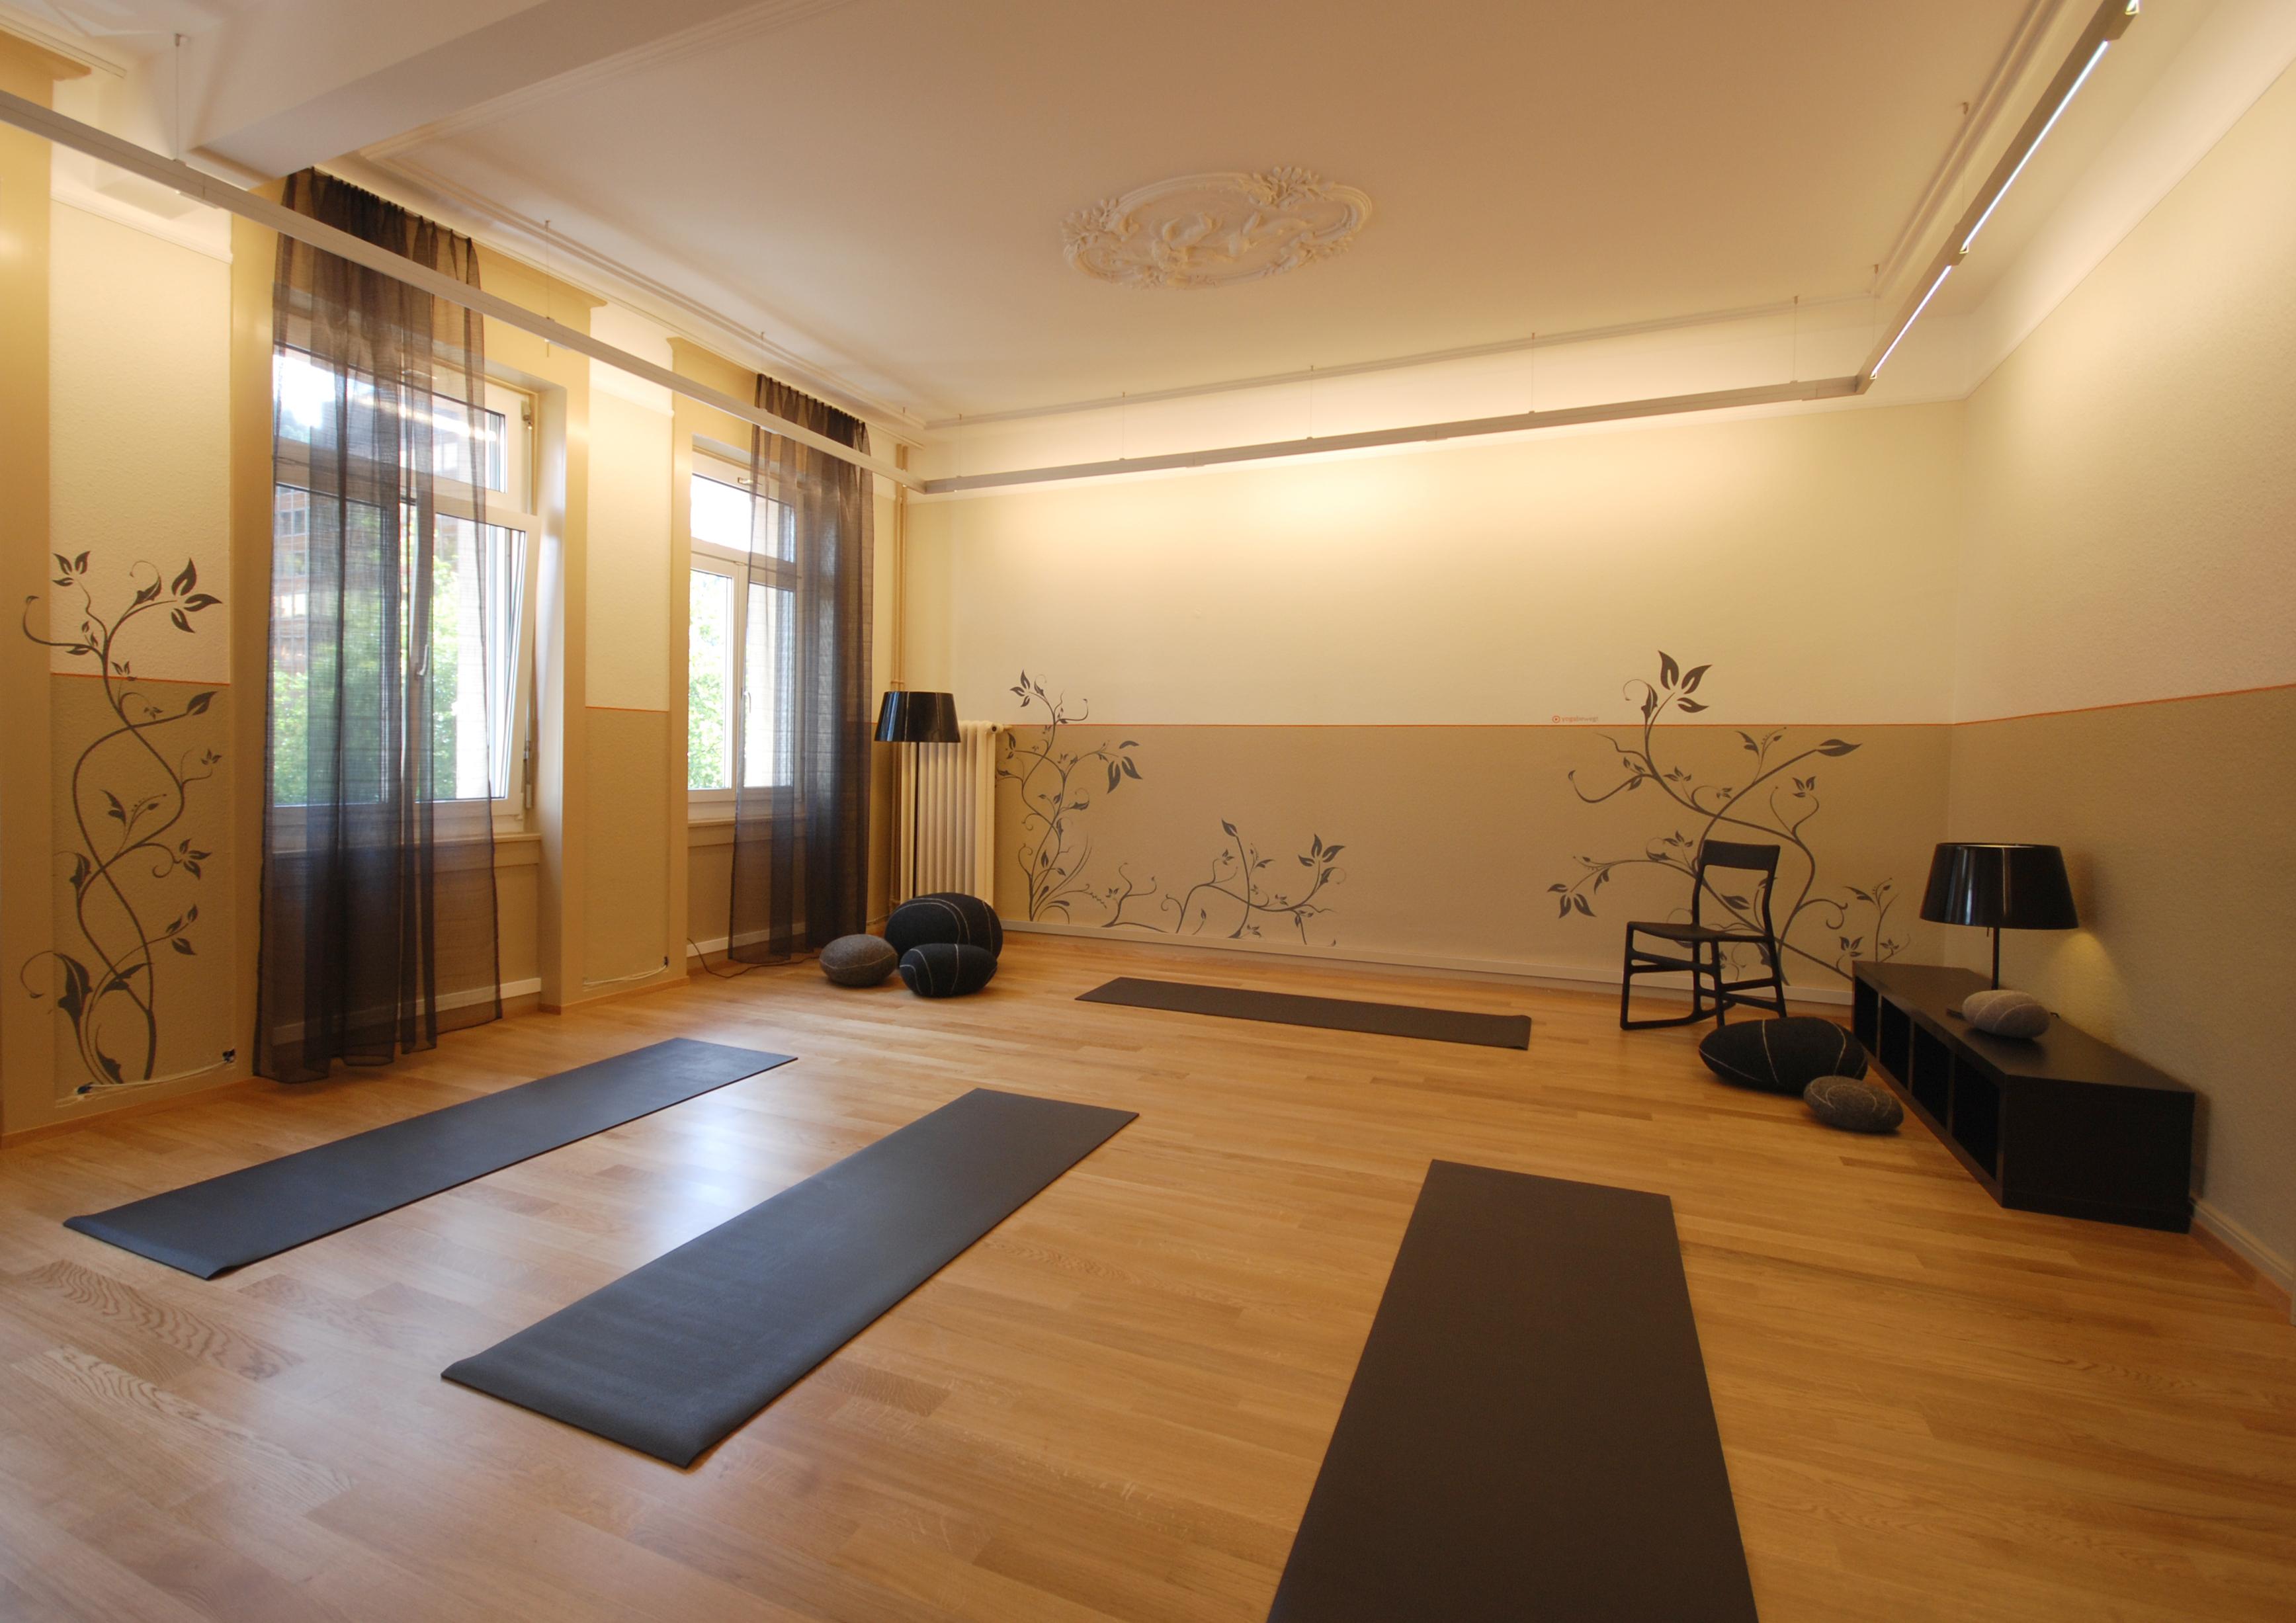 Yogabewegt st gallen innenarchitektur leitgedanke for Innenarchitektur yoga